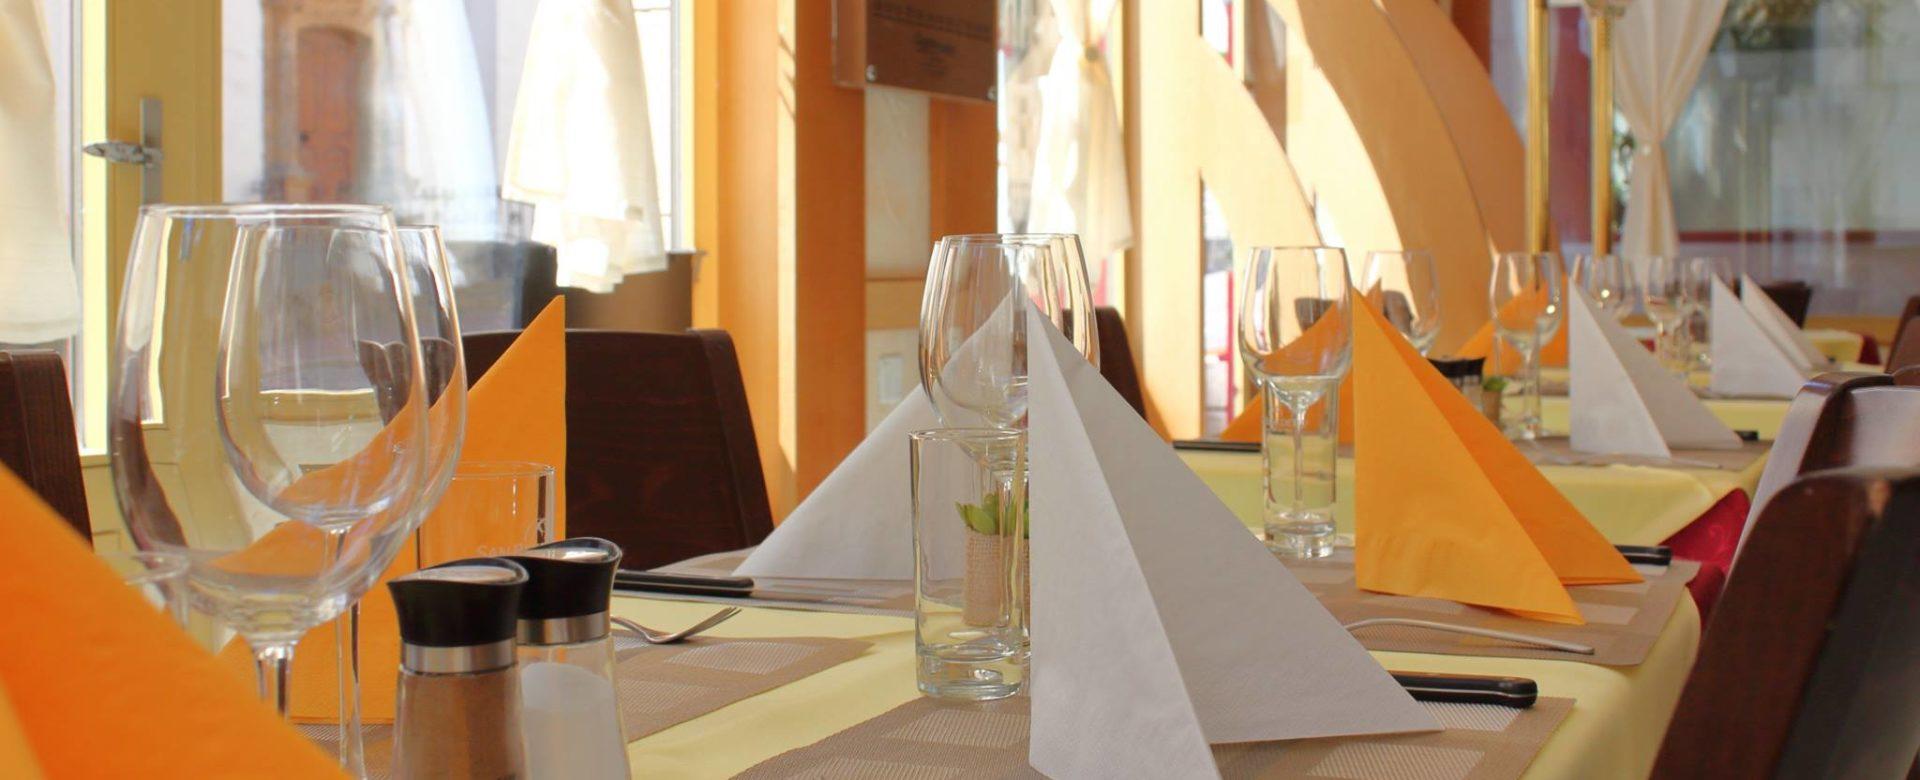 Restaurant les Aracades